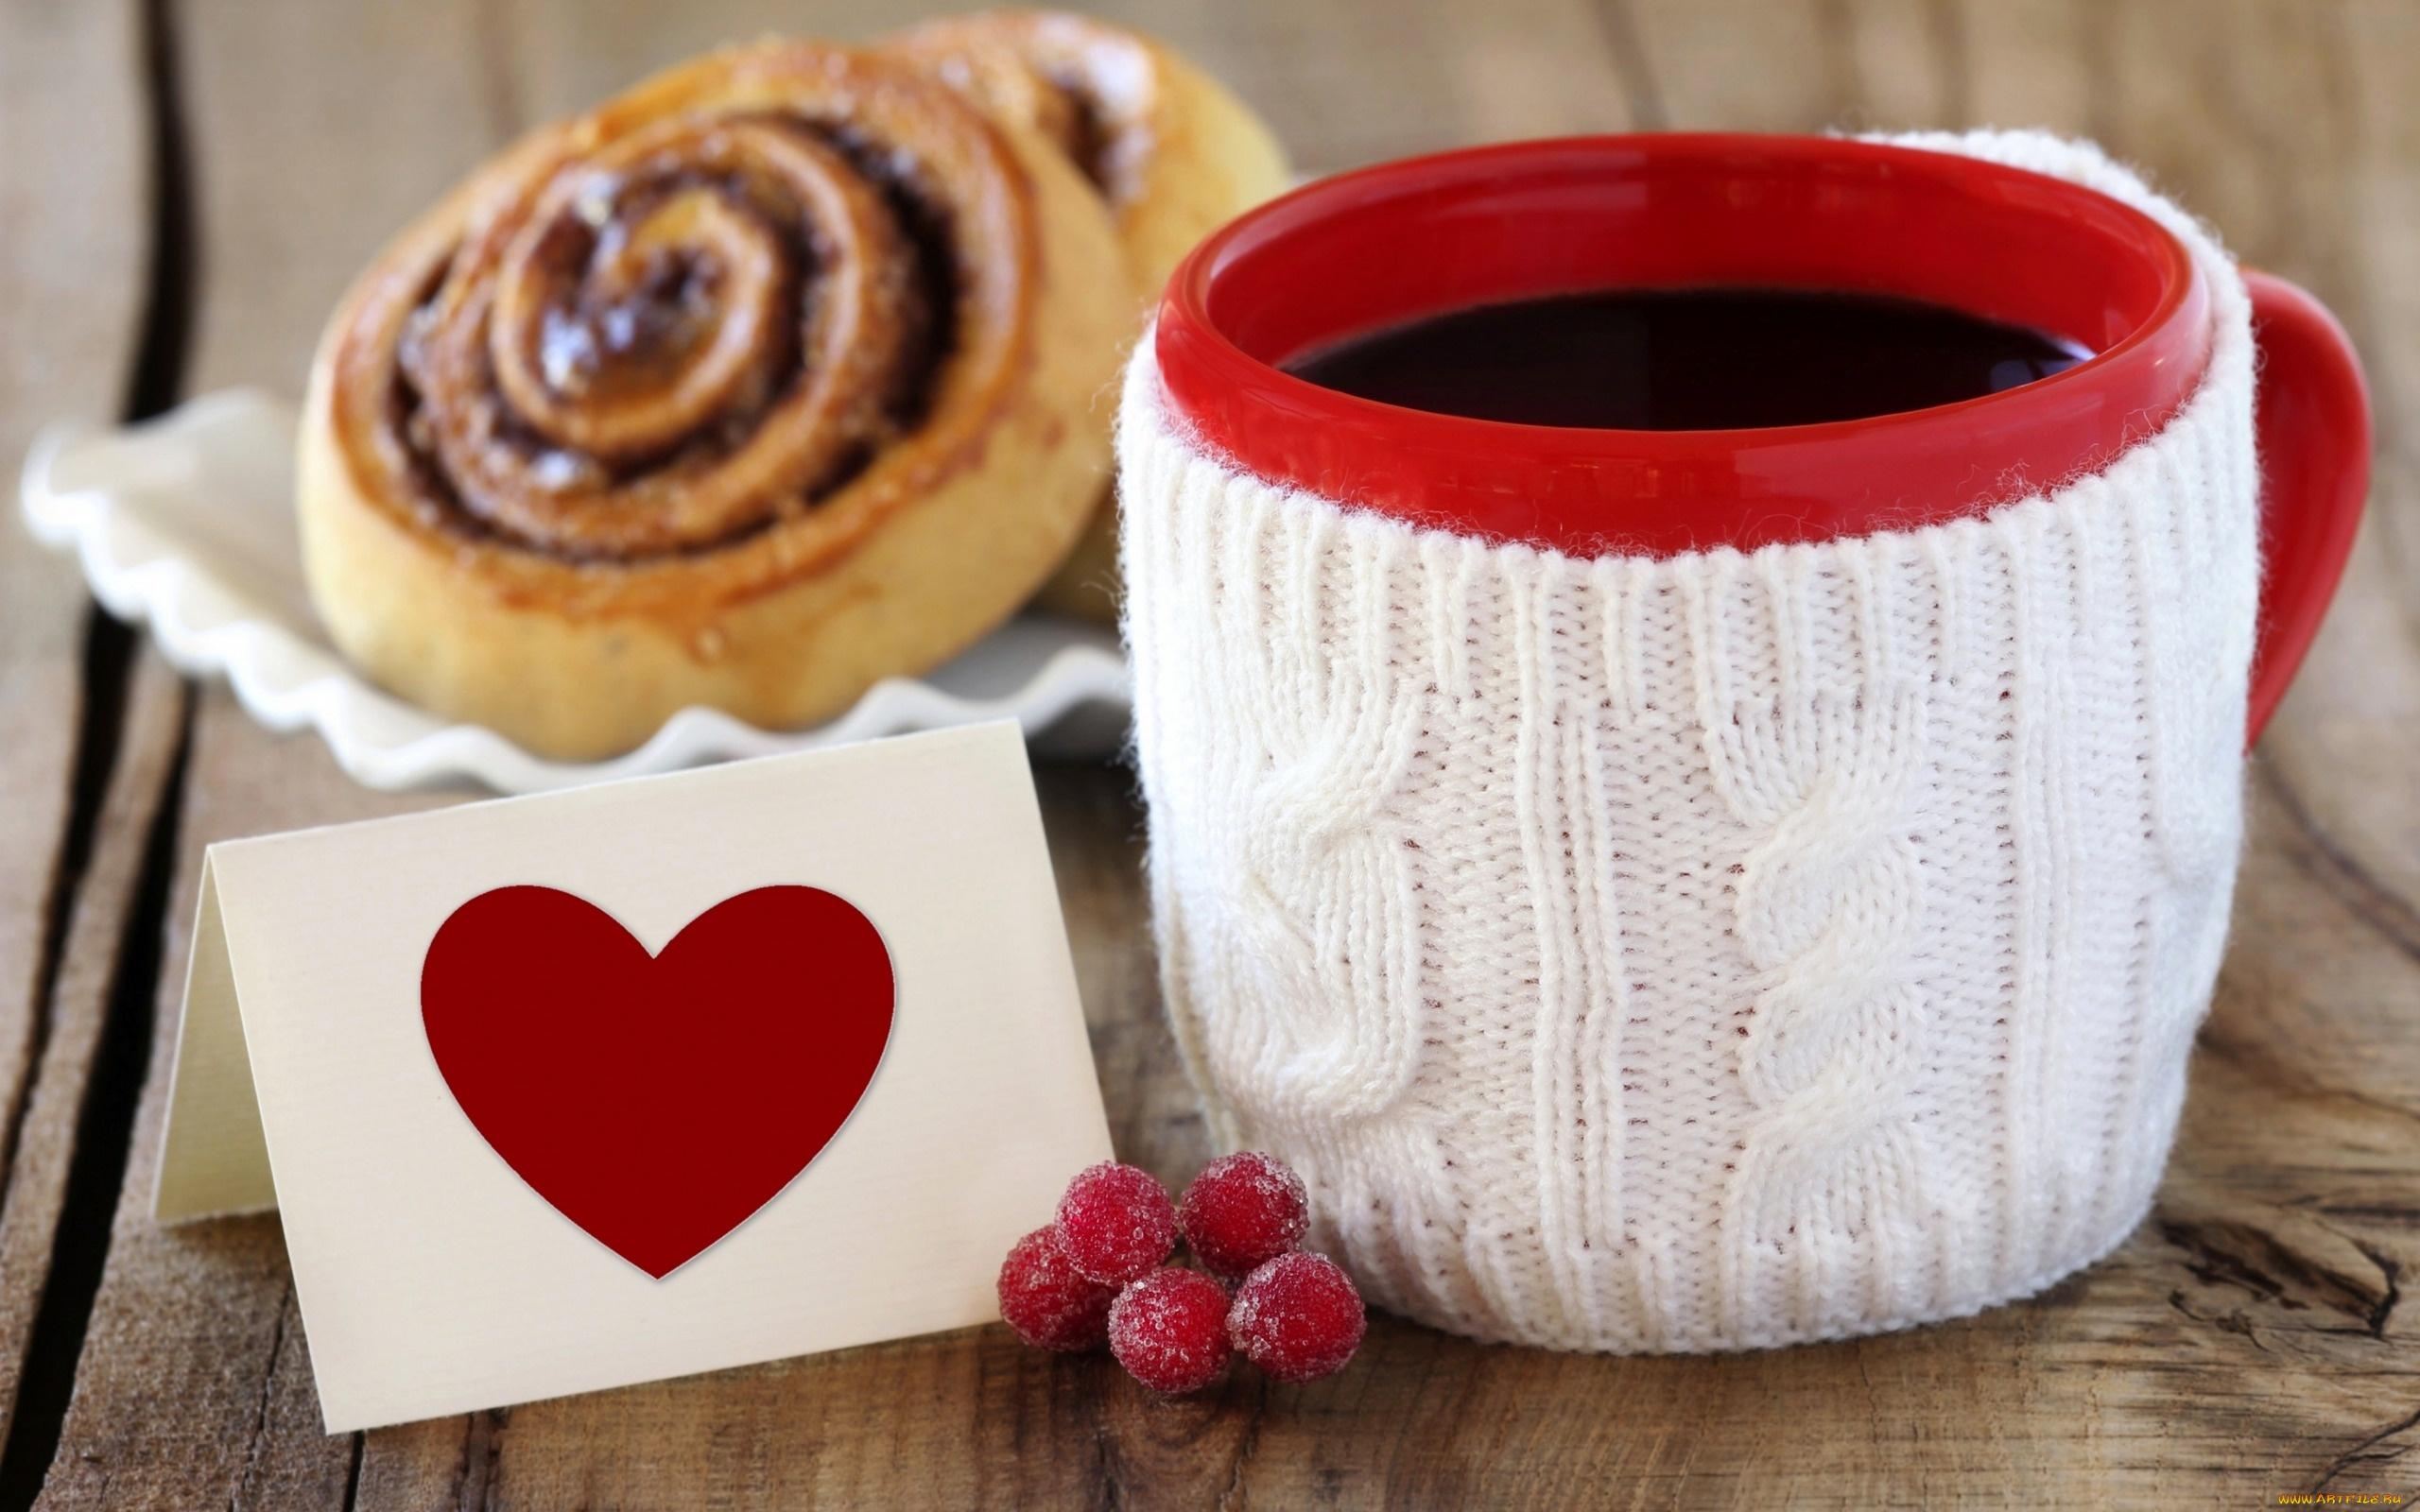 Доброе утро любимому картинки романтичные с надписями